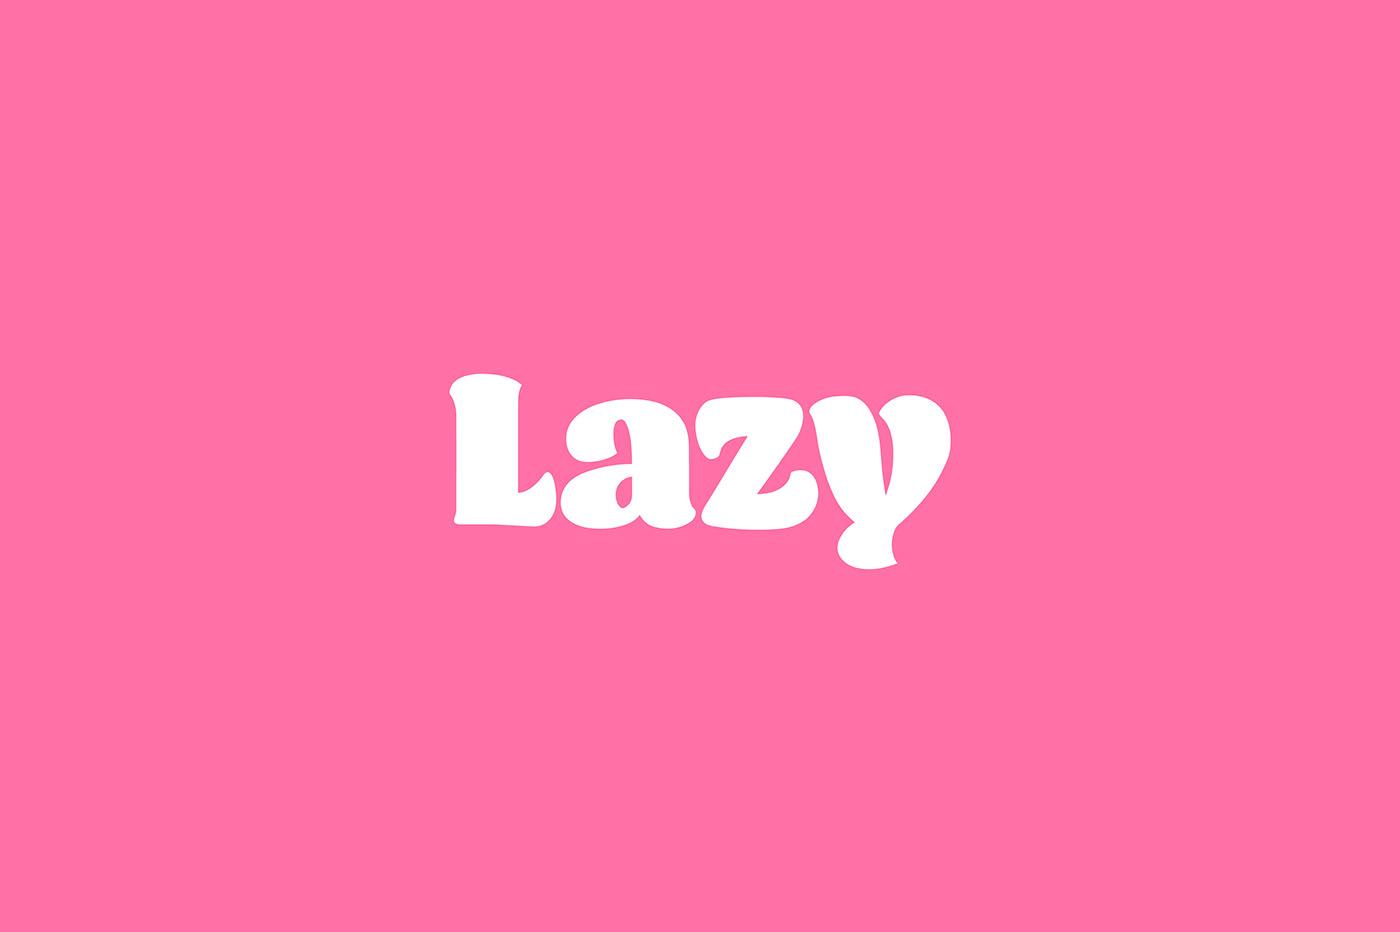 Visual Identity for Lazy Breakfast Club